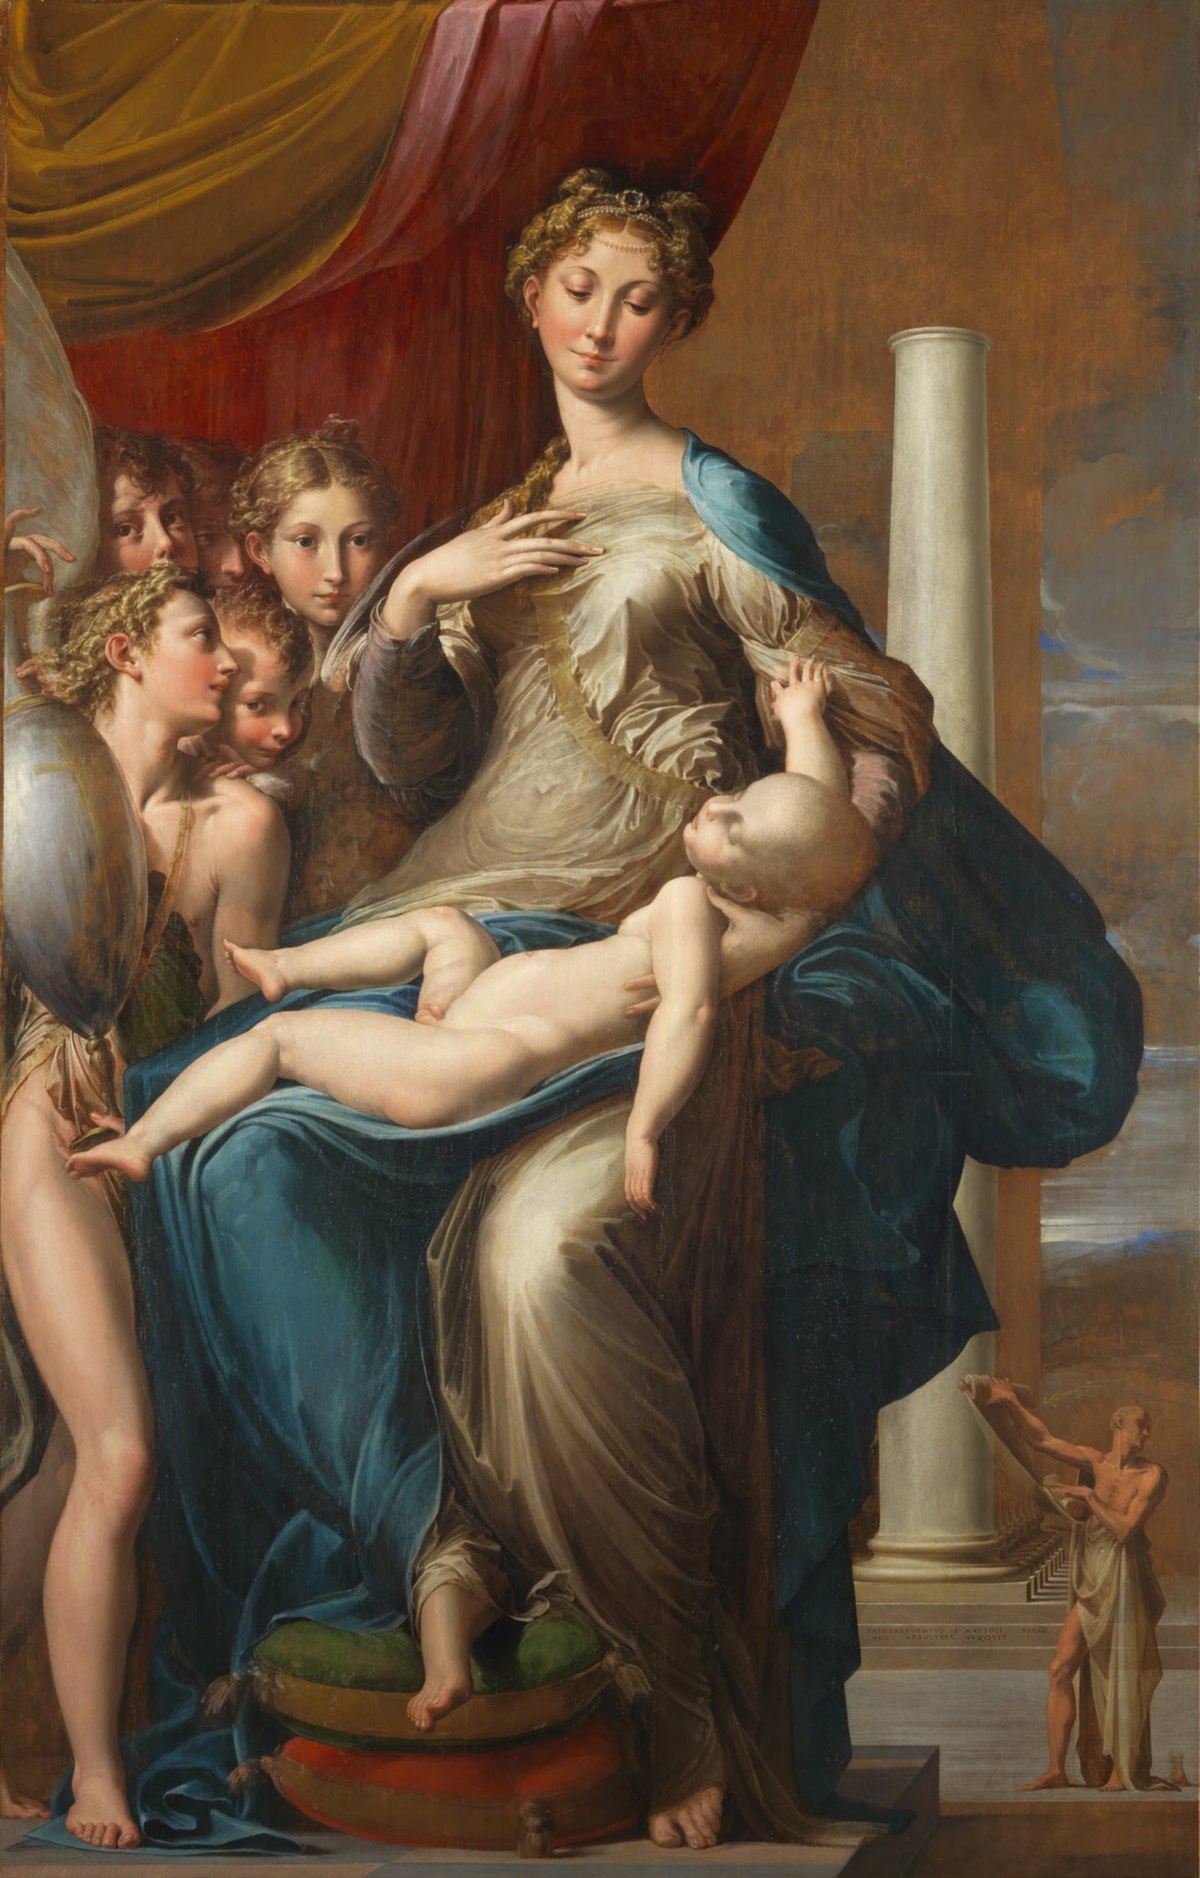 Μανιερισμός - Parmigianino - Madonna with the long neck